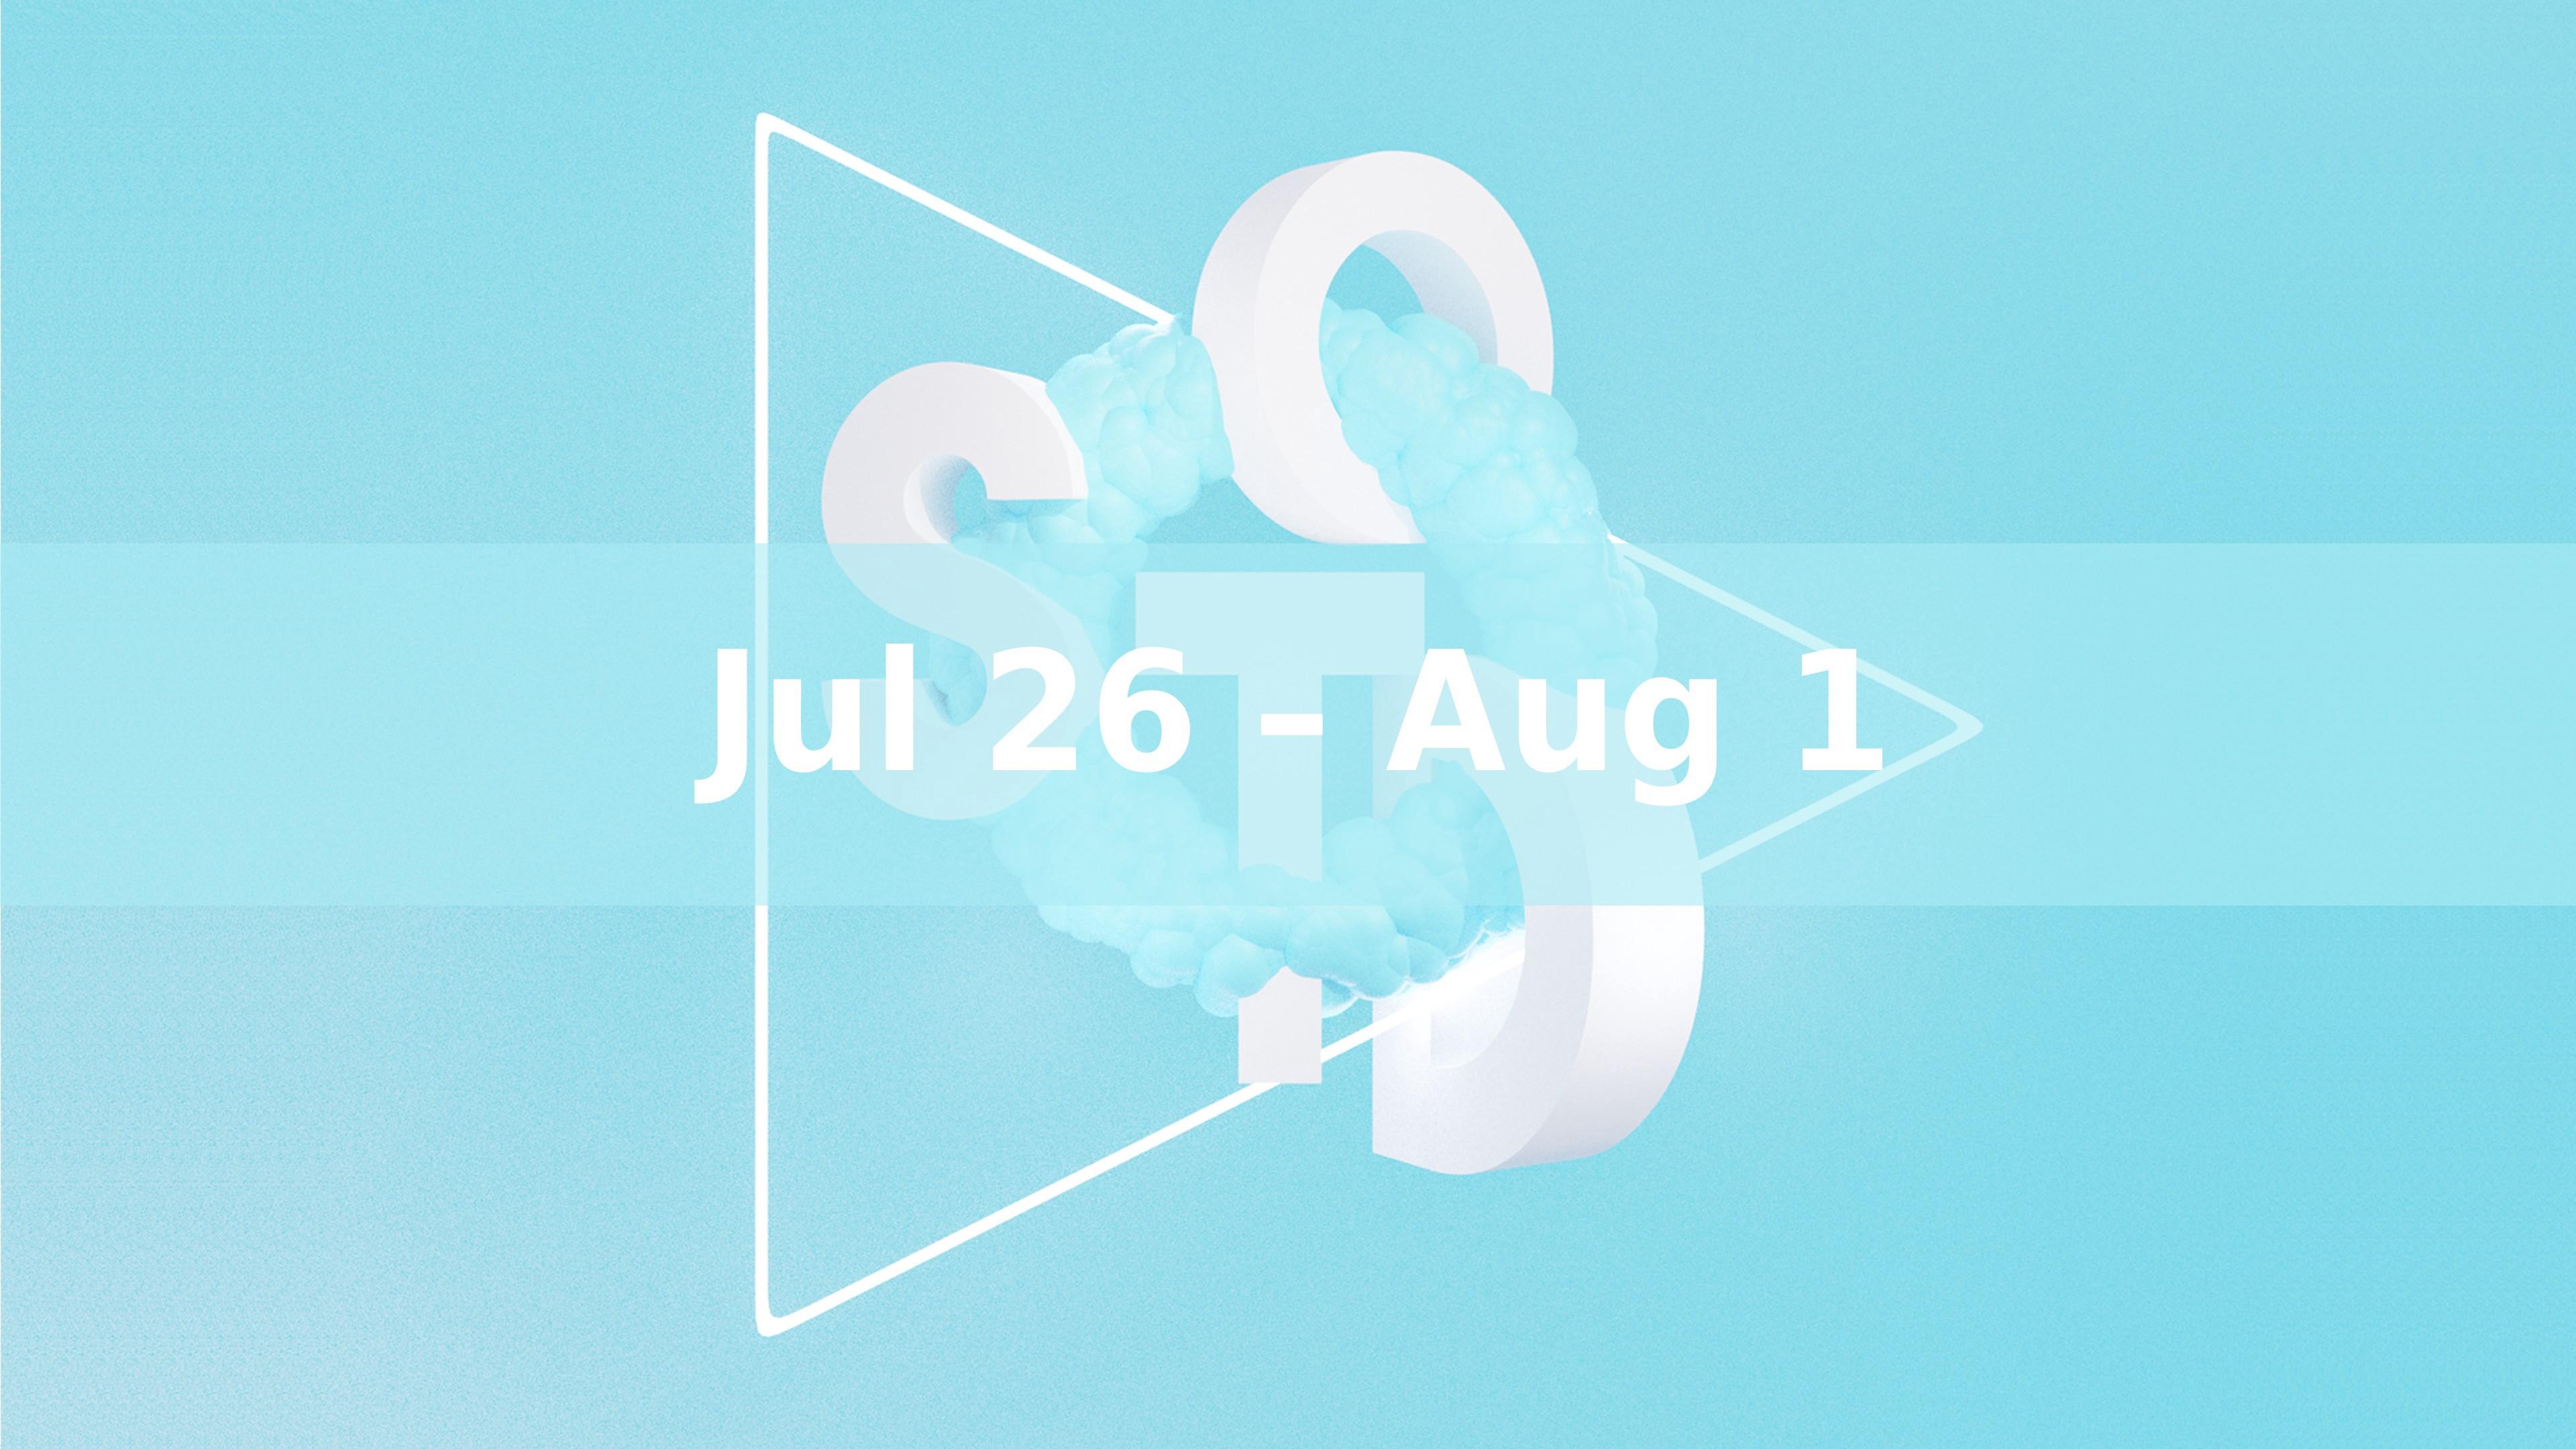 Winner Sites (Jul 26 – Aug 1)